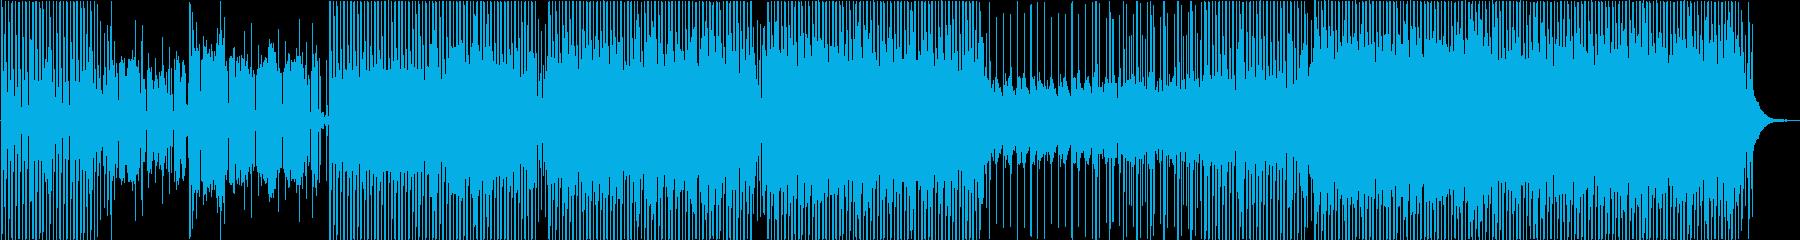 【ボイス有/ダンス】Geyanaの再生済みの波形